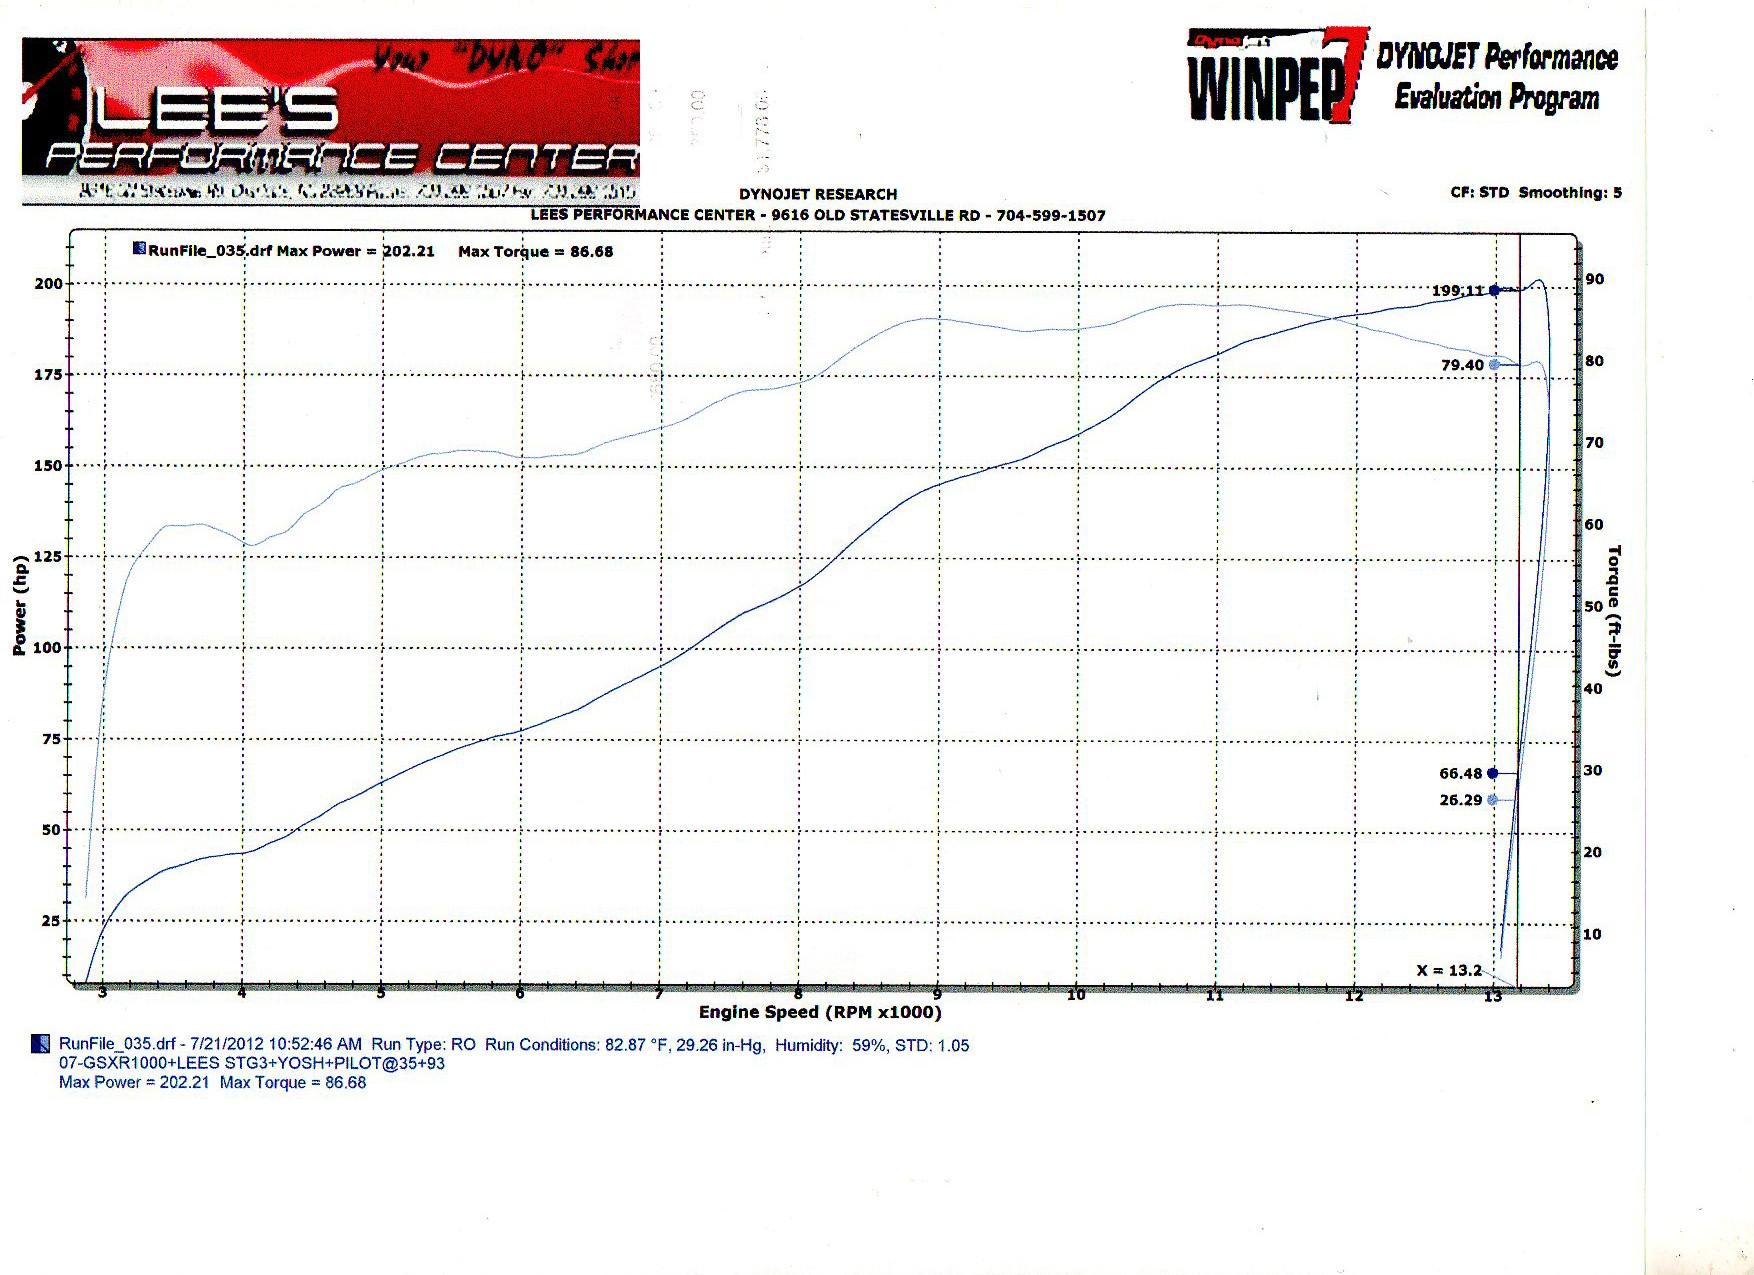 07-gsxr-1000-stg-3-2008-dyno-graph-lees.jpg